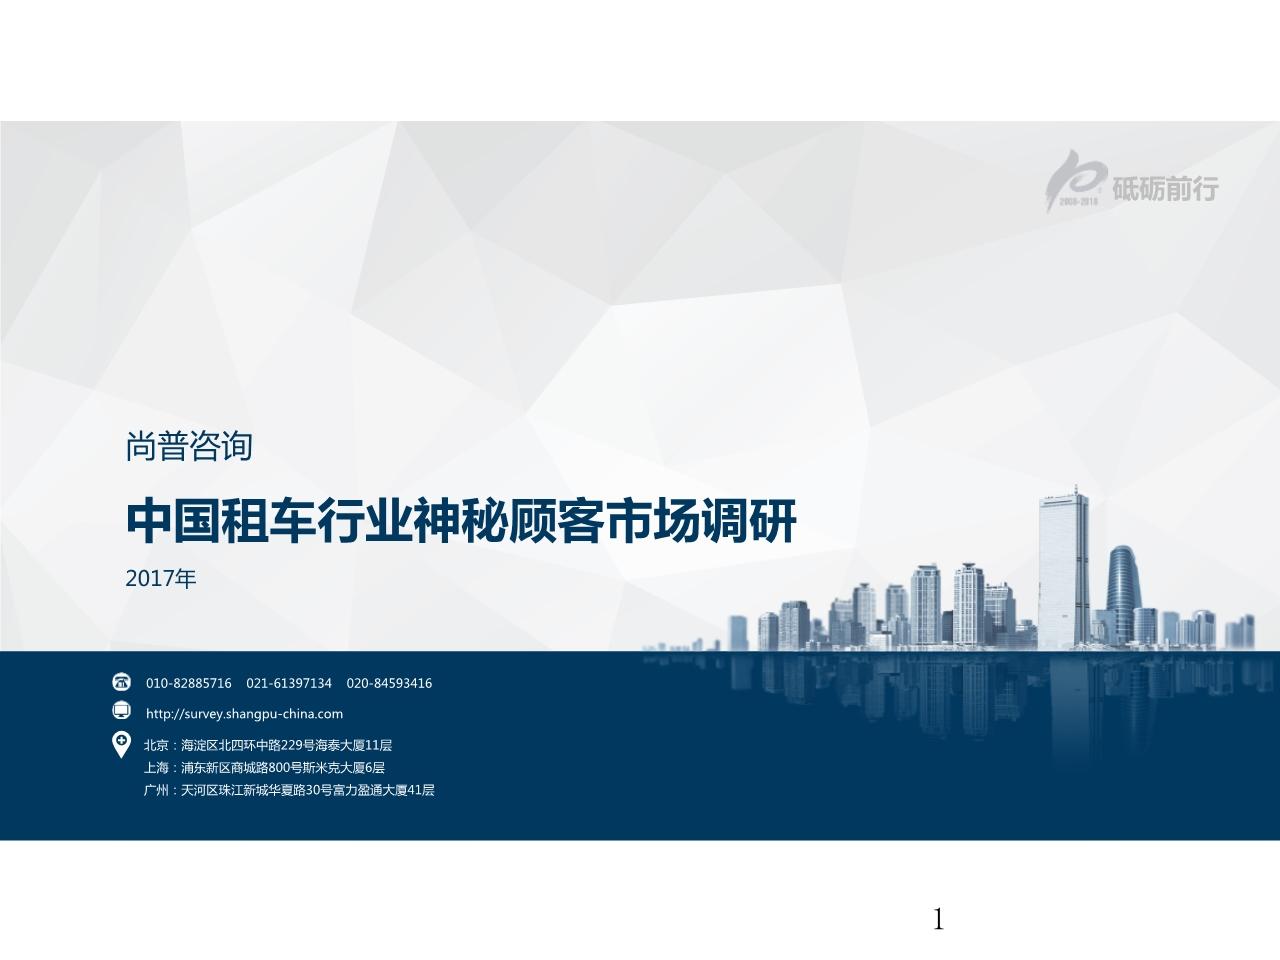 尚普咨询-中国租车行业神秘顾客市场调研